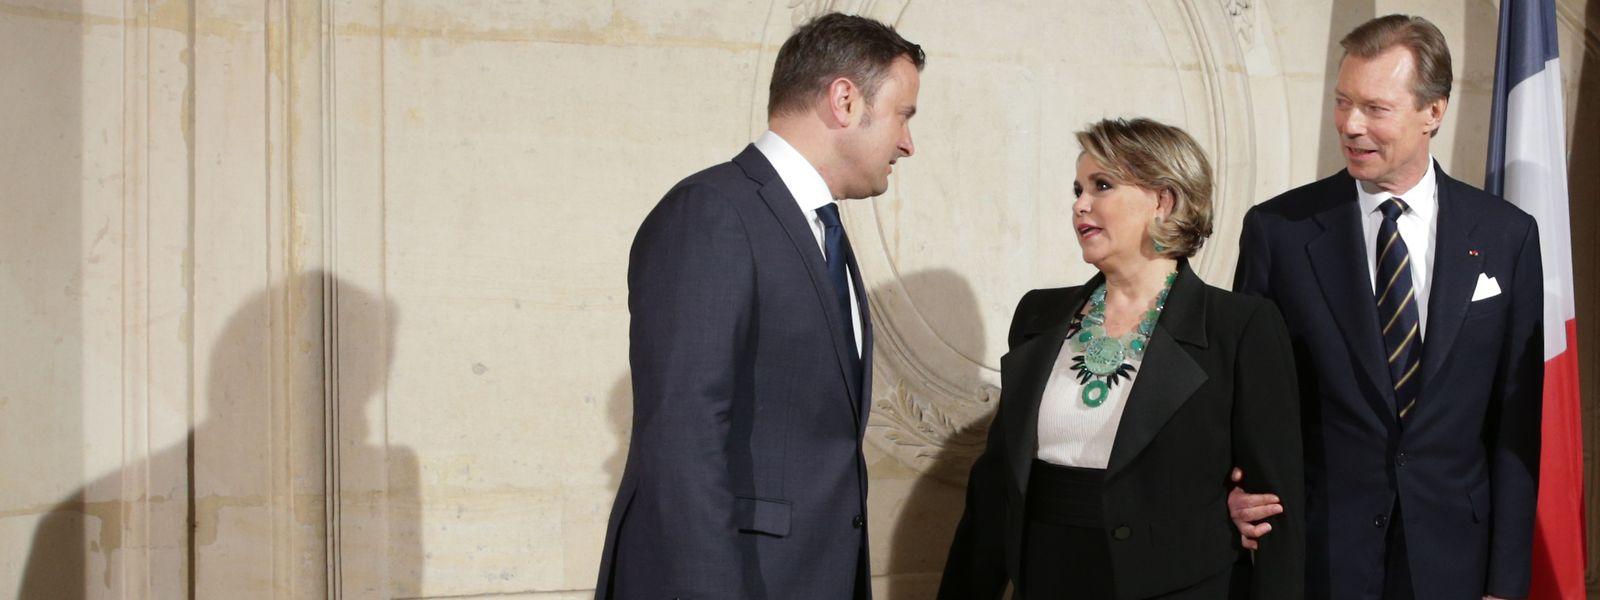 Xavier Bettel rechnet nicht mit einer Verschlechterung der Beziehungen zwischen der Regierung und dem großherzoglichen Hof. Großherzog Henri habe ihm versichert, die Reformen mittragen zu wollen.